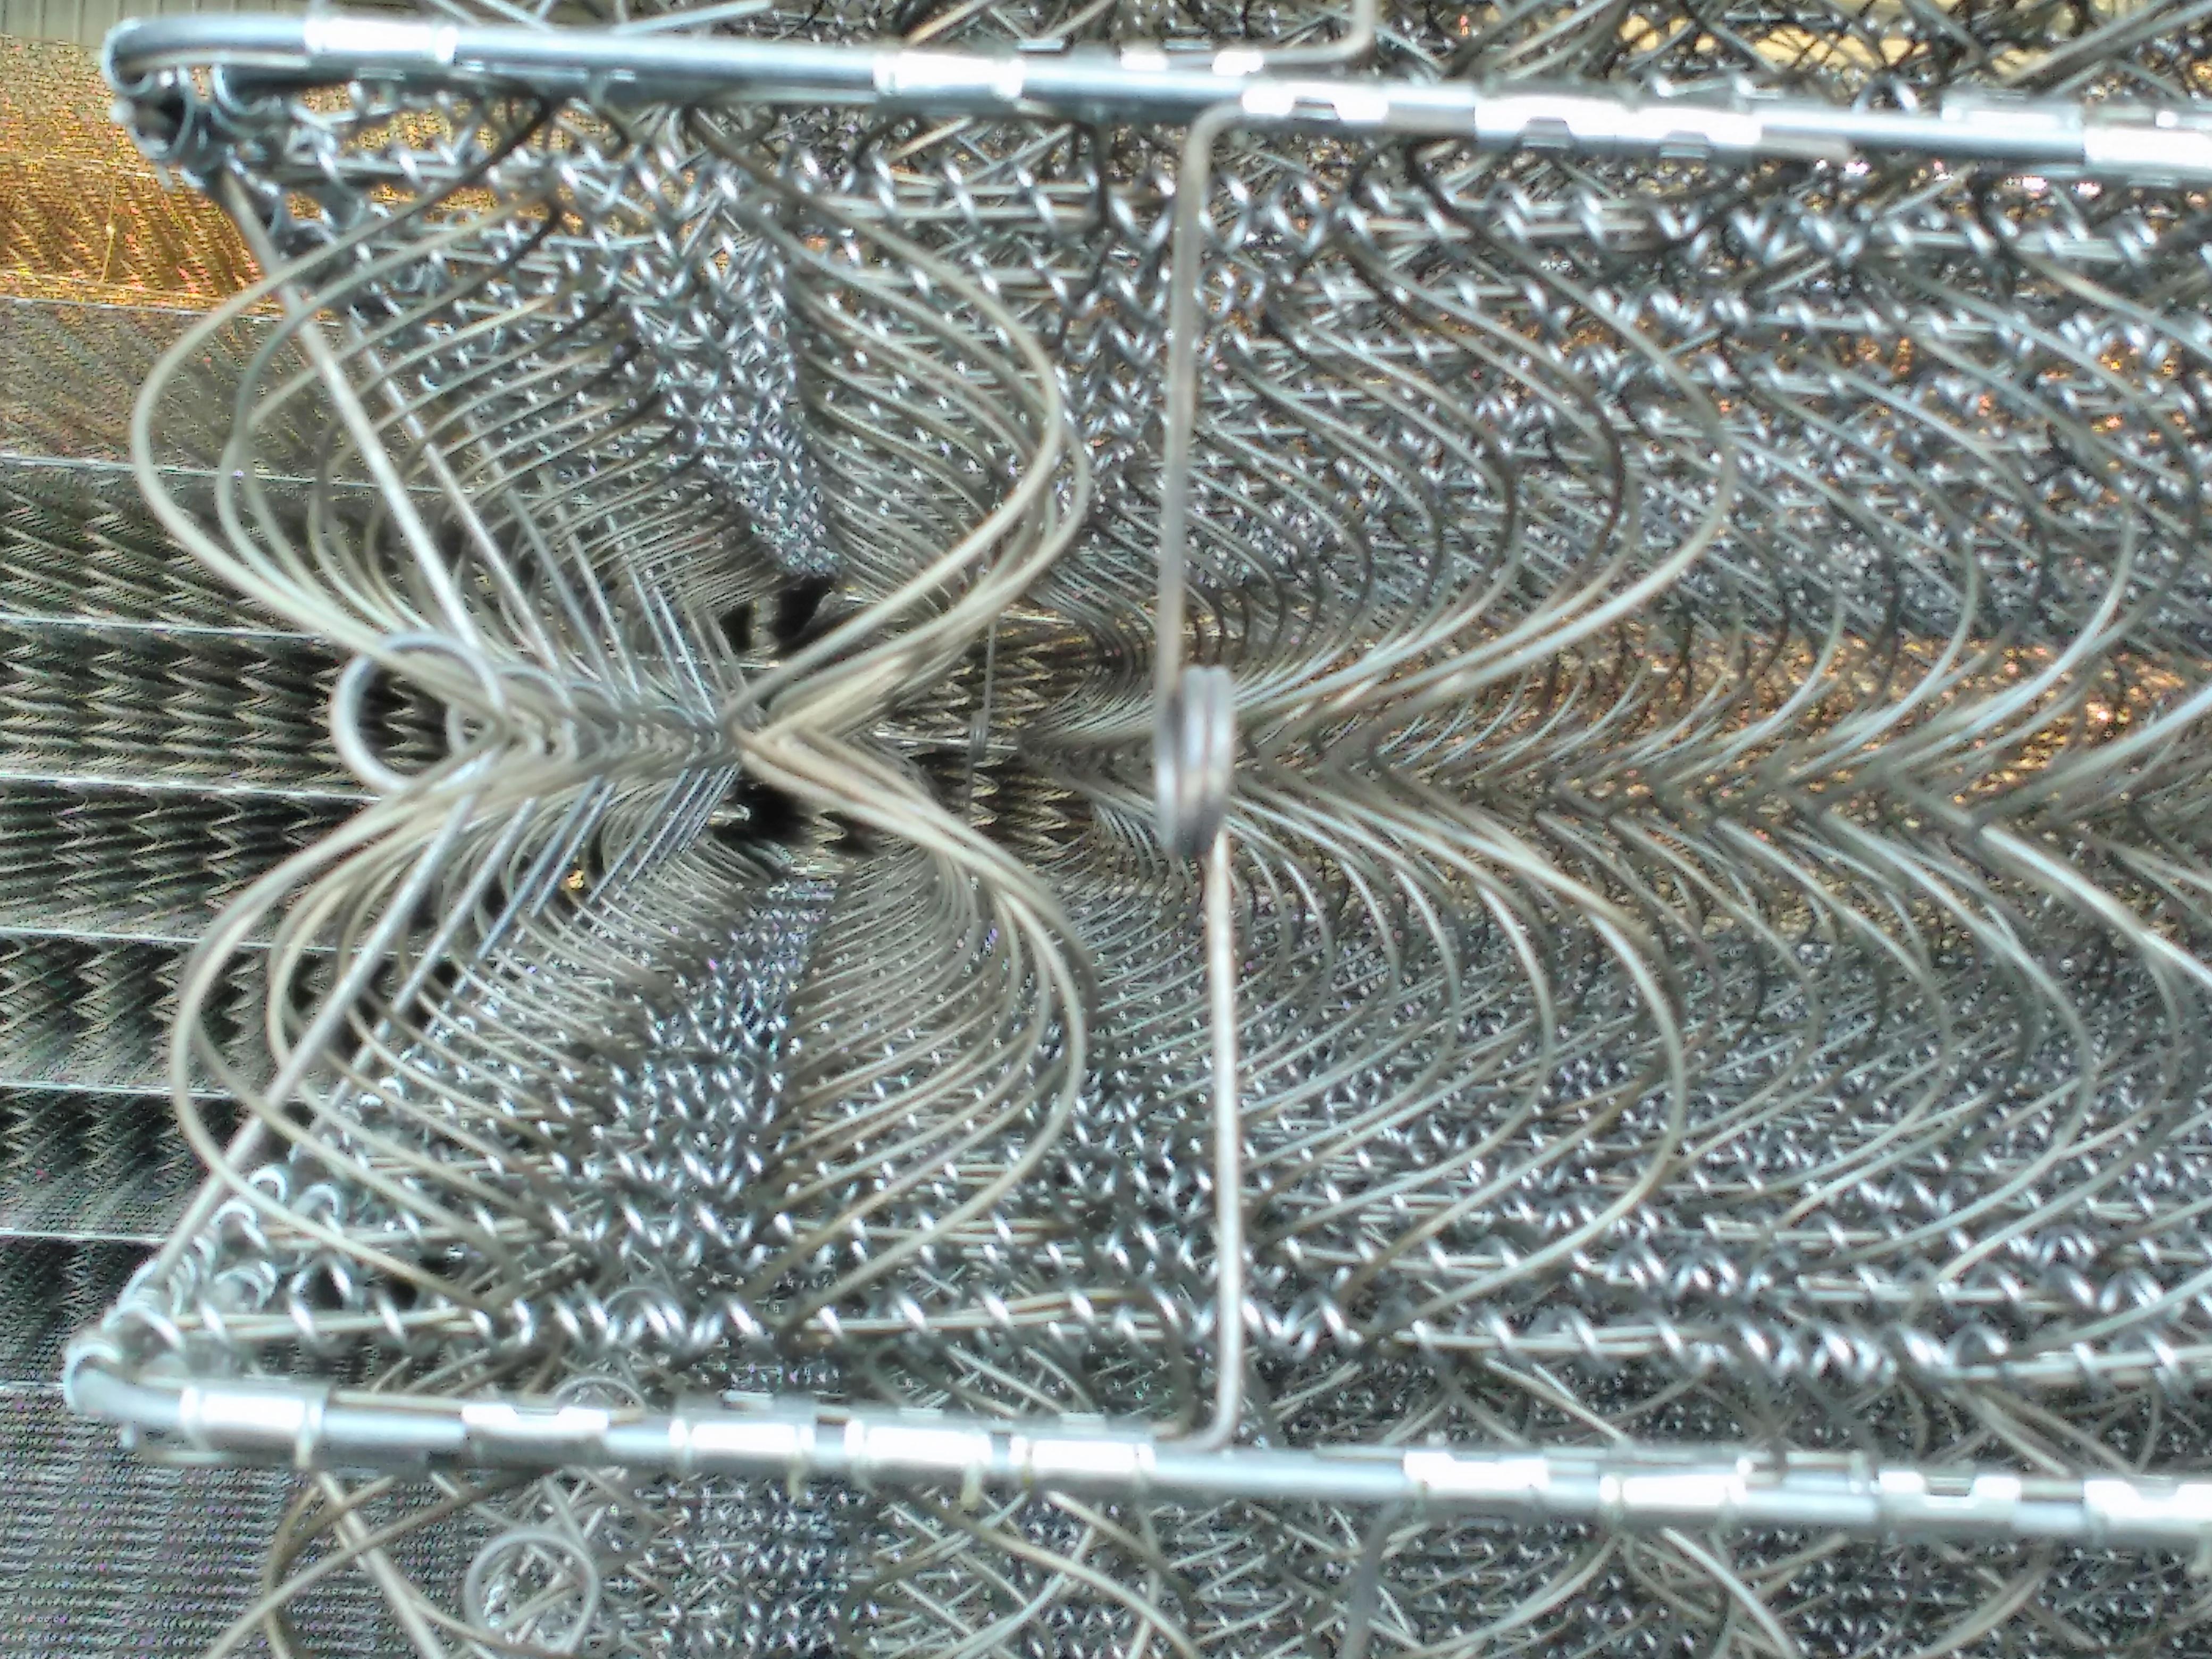 供应用于床垫生产|床的生产的拉丝床垫床网,拉丝沙发垫